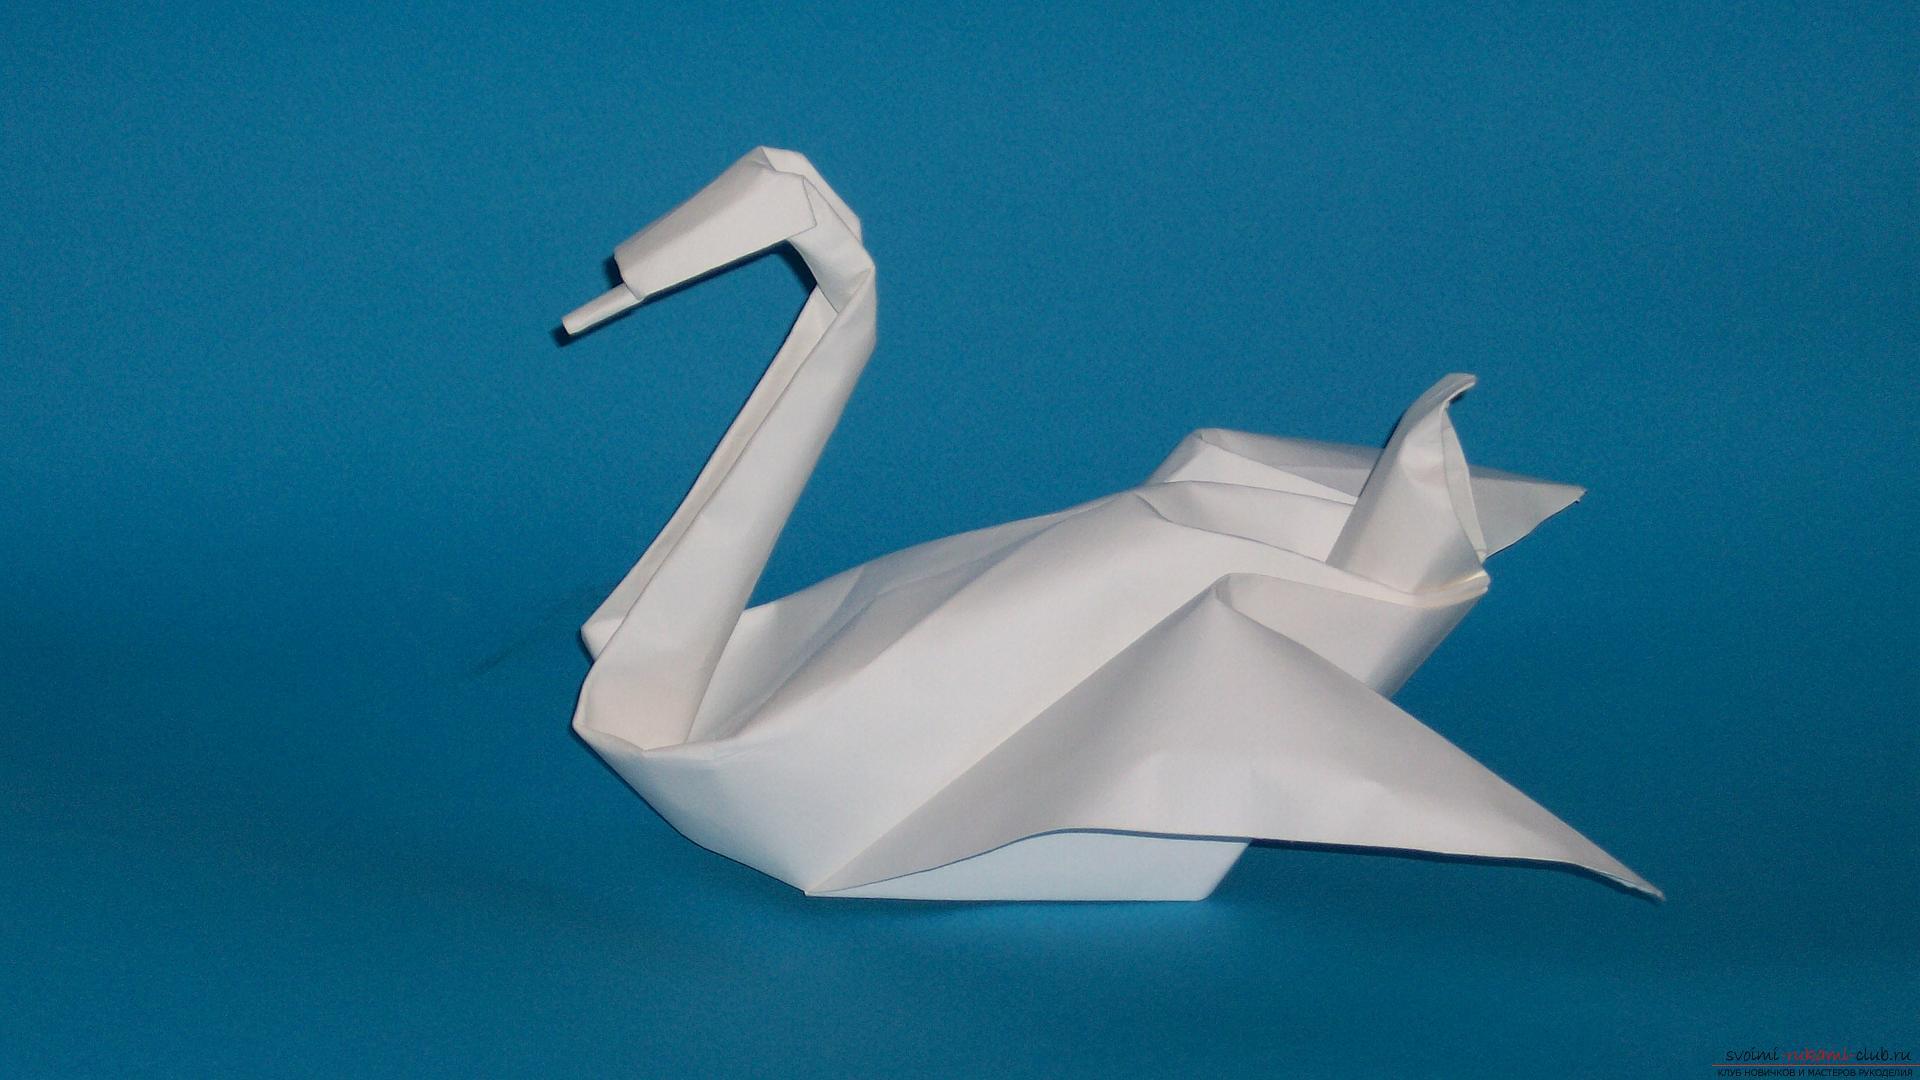 Сложение простой фигурки лебедя в технике оригами понравится детям и взрослым и не займет много времени